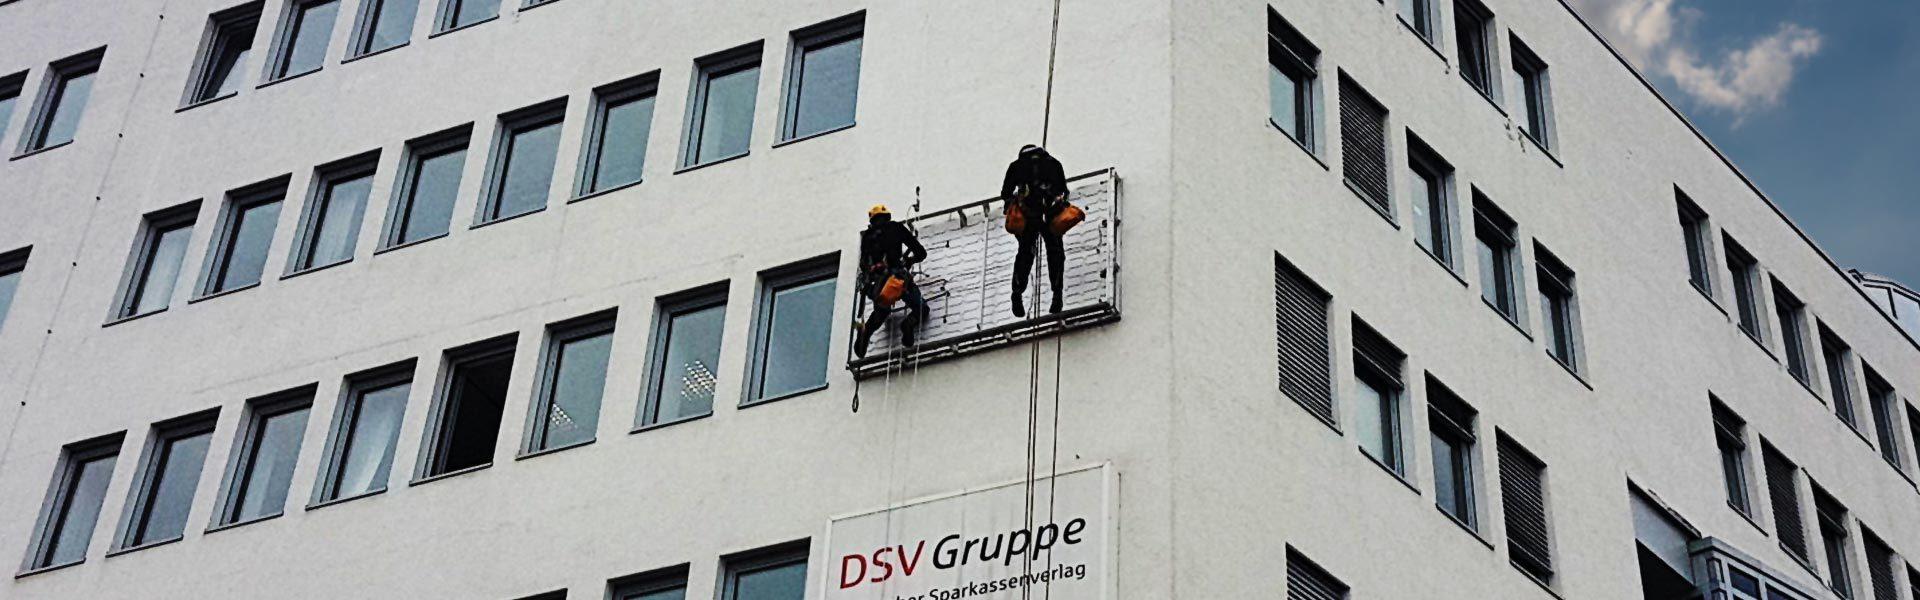 Wartung und Reparatur von Werbeanlagen: Banneranlagen, Lichtwerbung und Beschilderungen